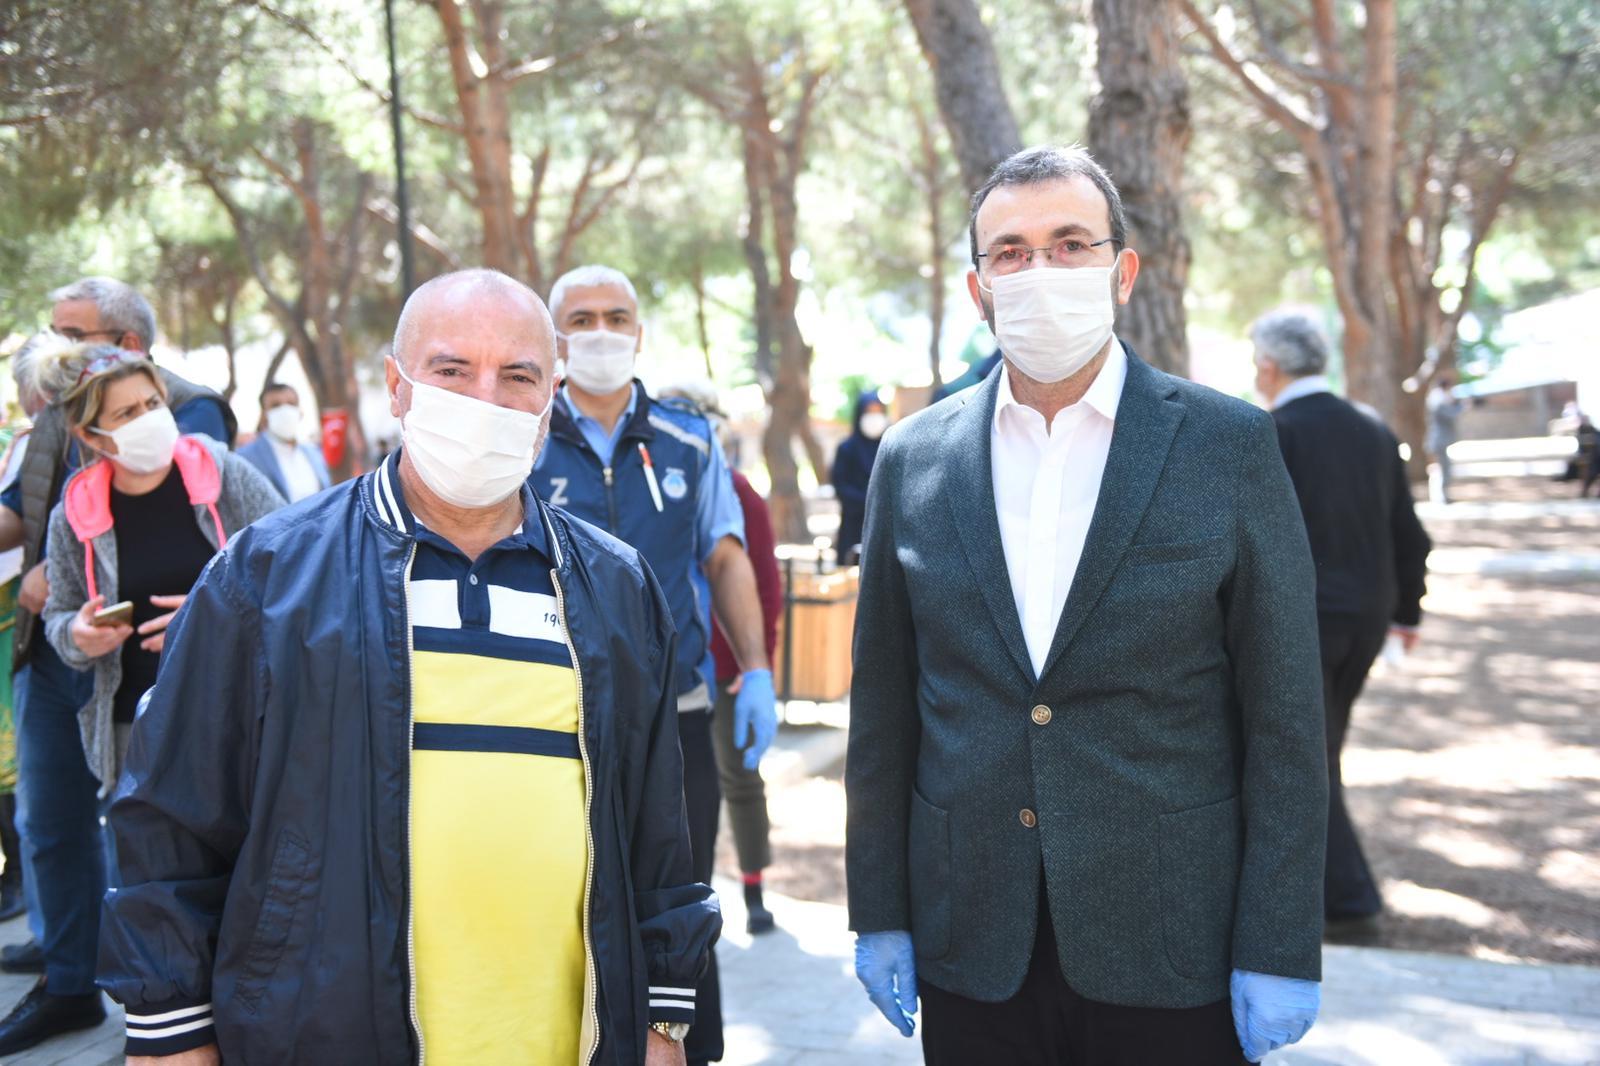 Bayramın ilk günü 65 yaş ve üstü yaşlılara Başkan Ahmet Cin sürprizi!